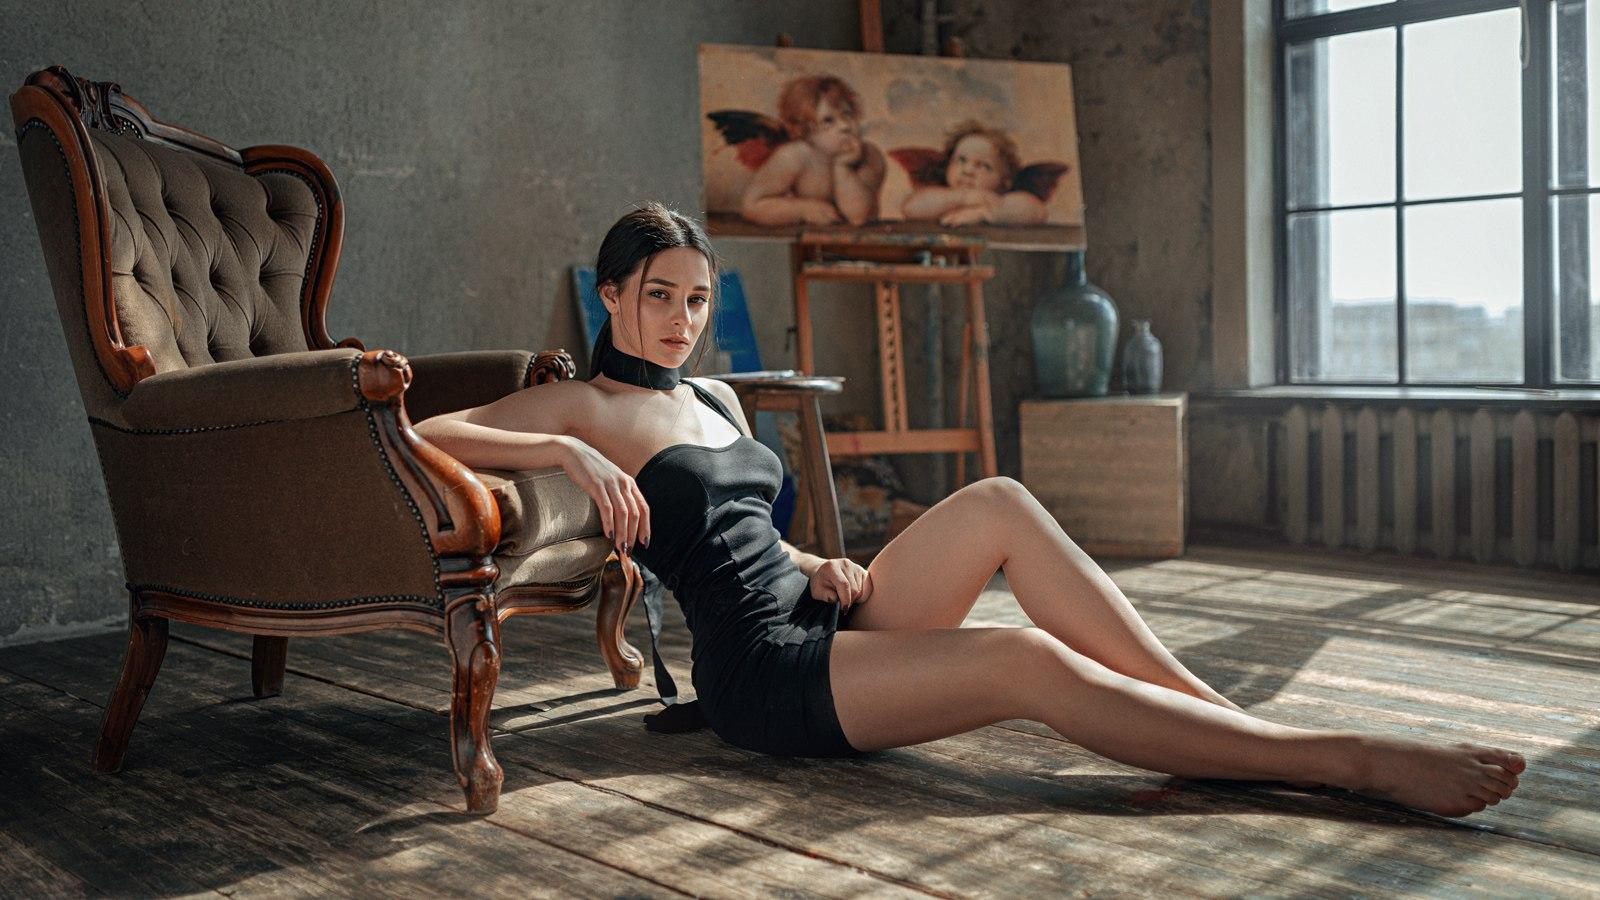 Wallpaper Women Brunette On The Floor Minidress Legs